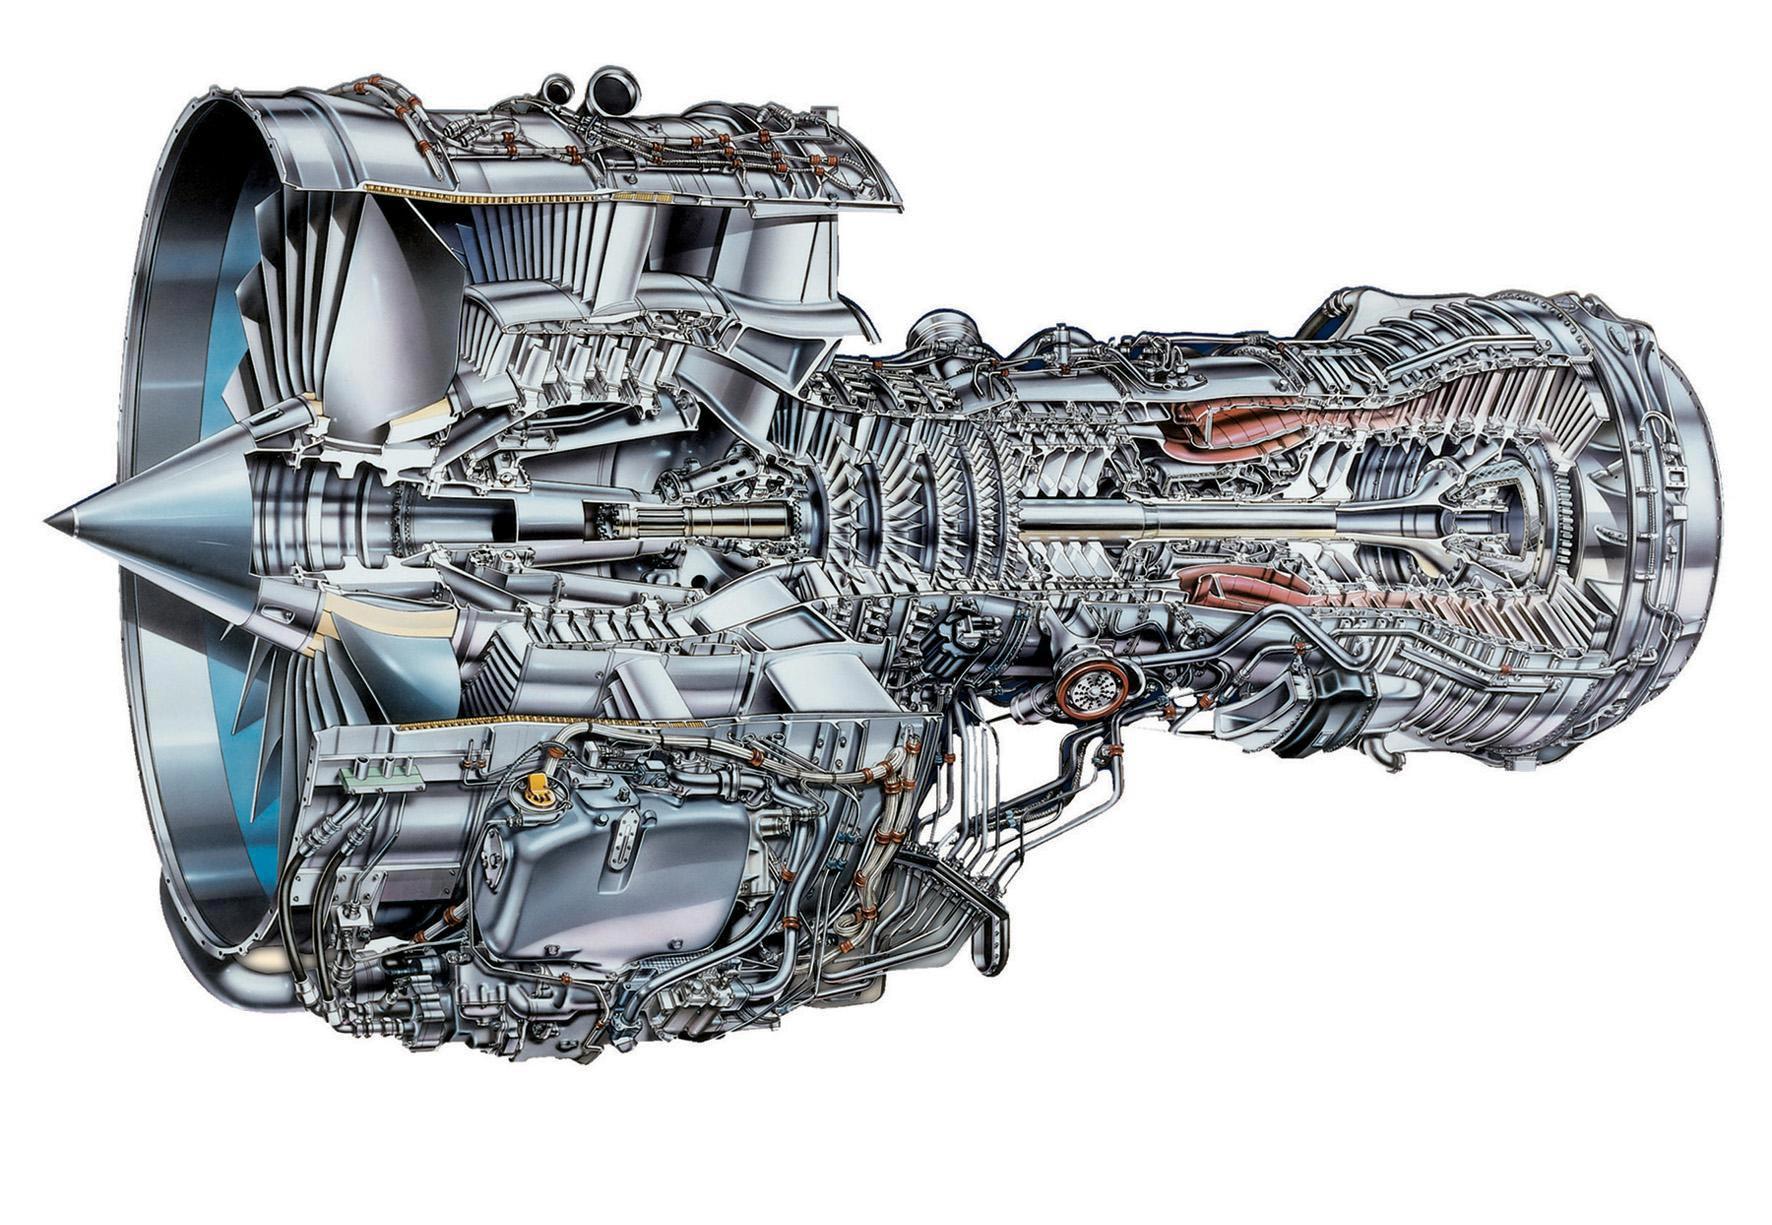 IAE V2500 cutaway